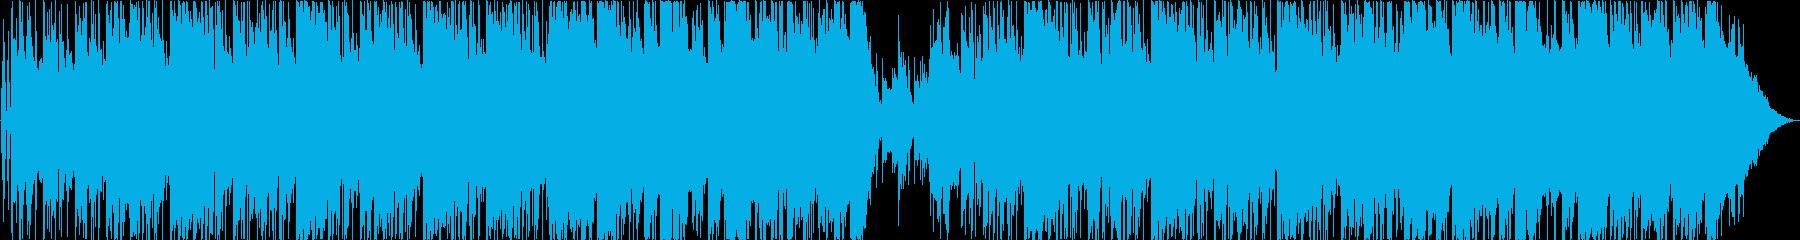 チル系HIPHOP/まったりステイホームの再生済みの波形